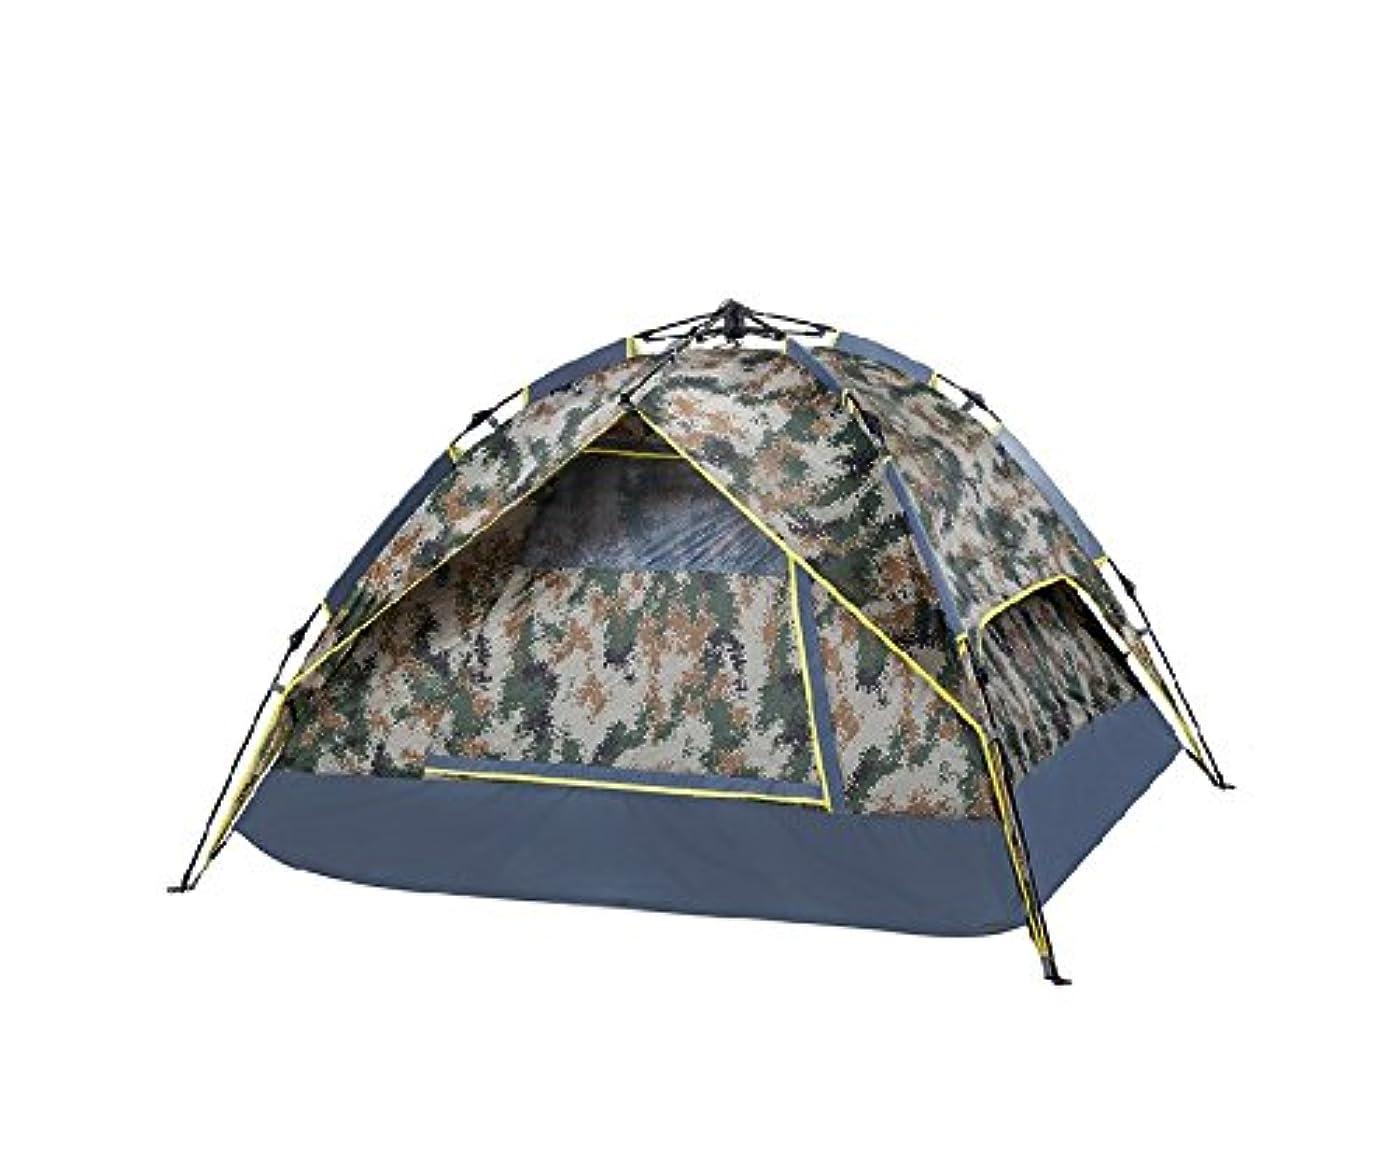 致命的なアヒルただやるSun-happyyaa 3-4人屋外用キャンプテント簡単にインストールできます折りたたみやすい230 * 193 * 145 CM防水日焼け止めUV保護広いスペース安定した 購入へようこそ